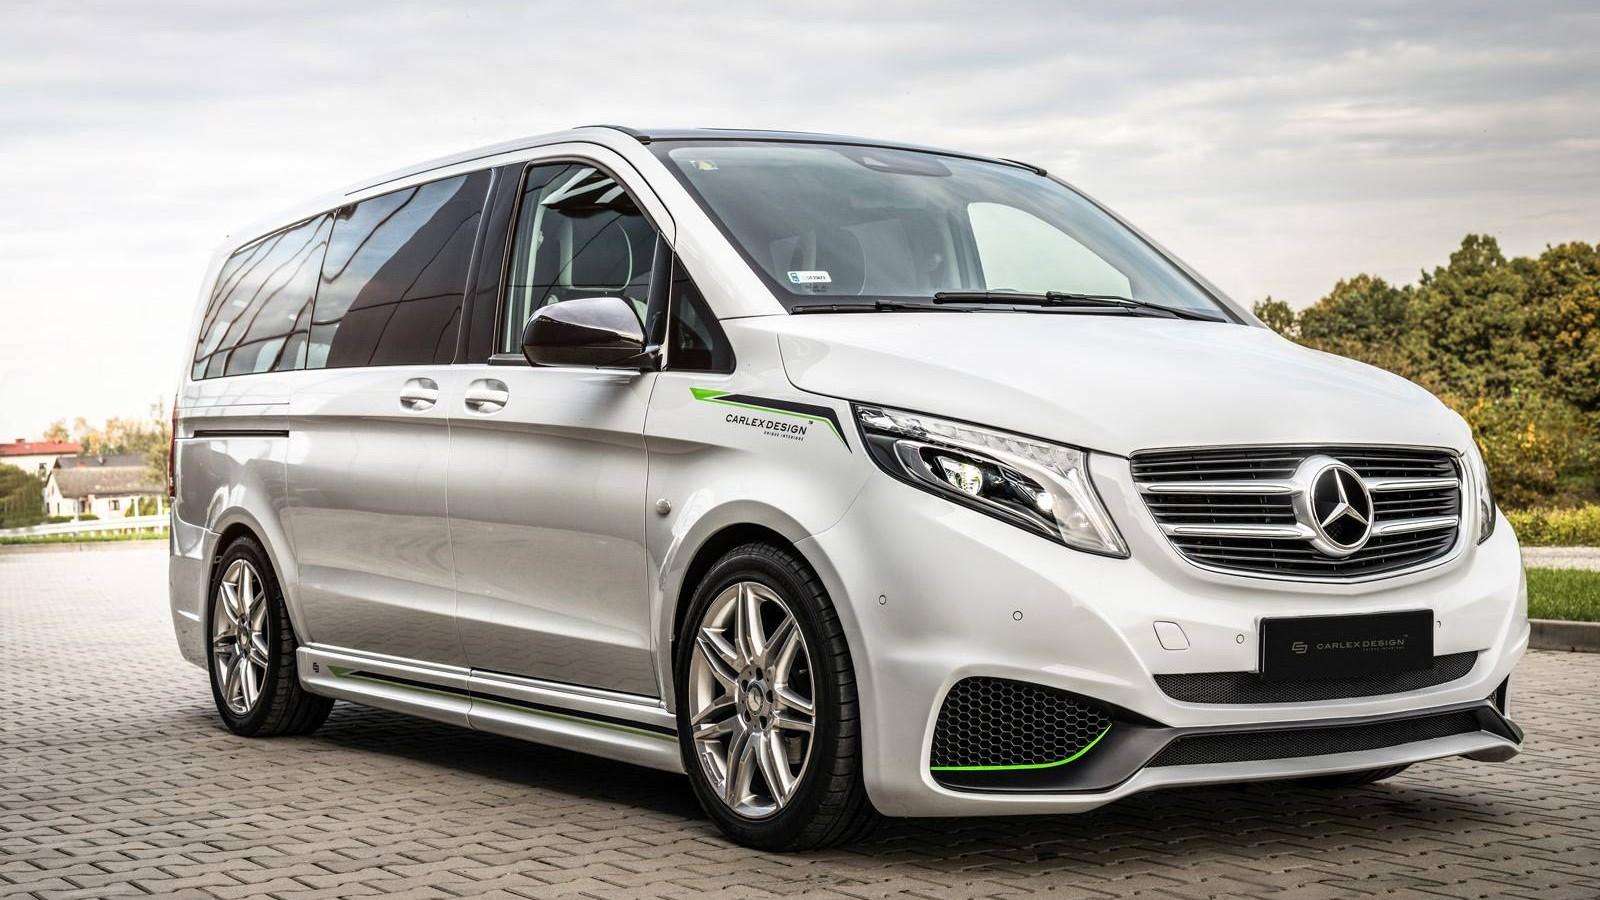 Mercedes-Benz Vito от Carlex Design